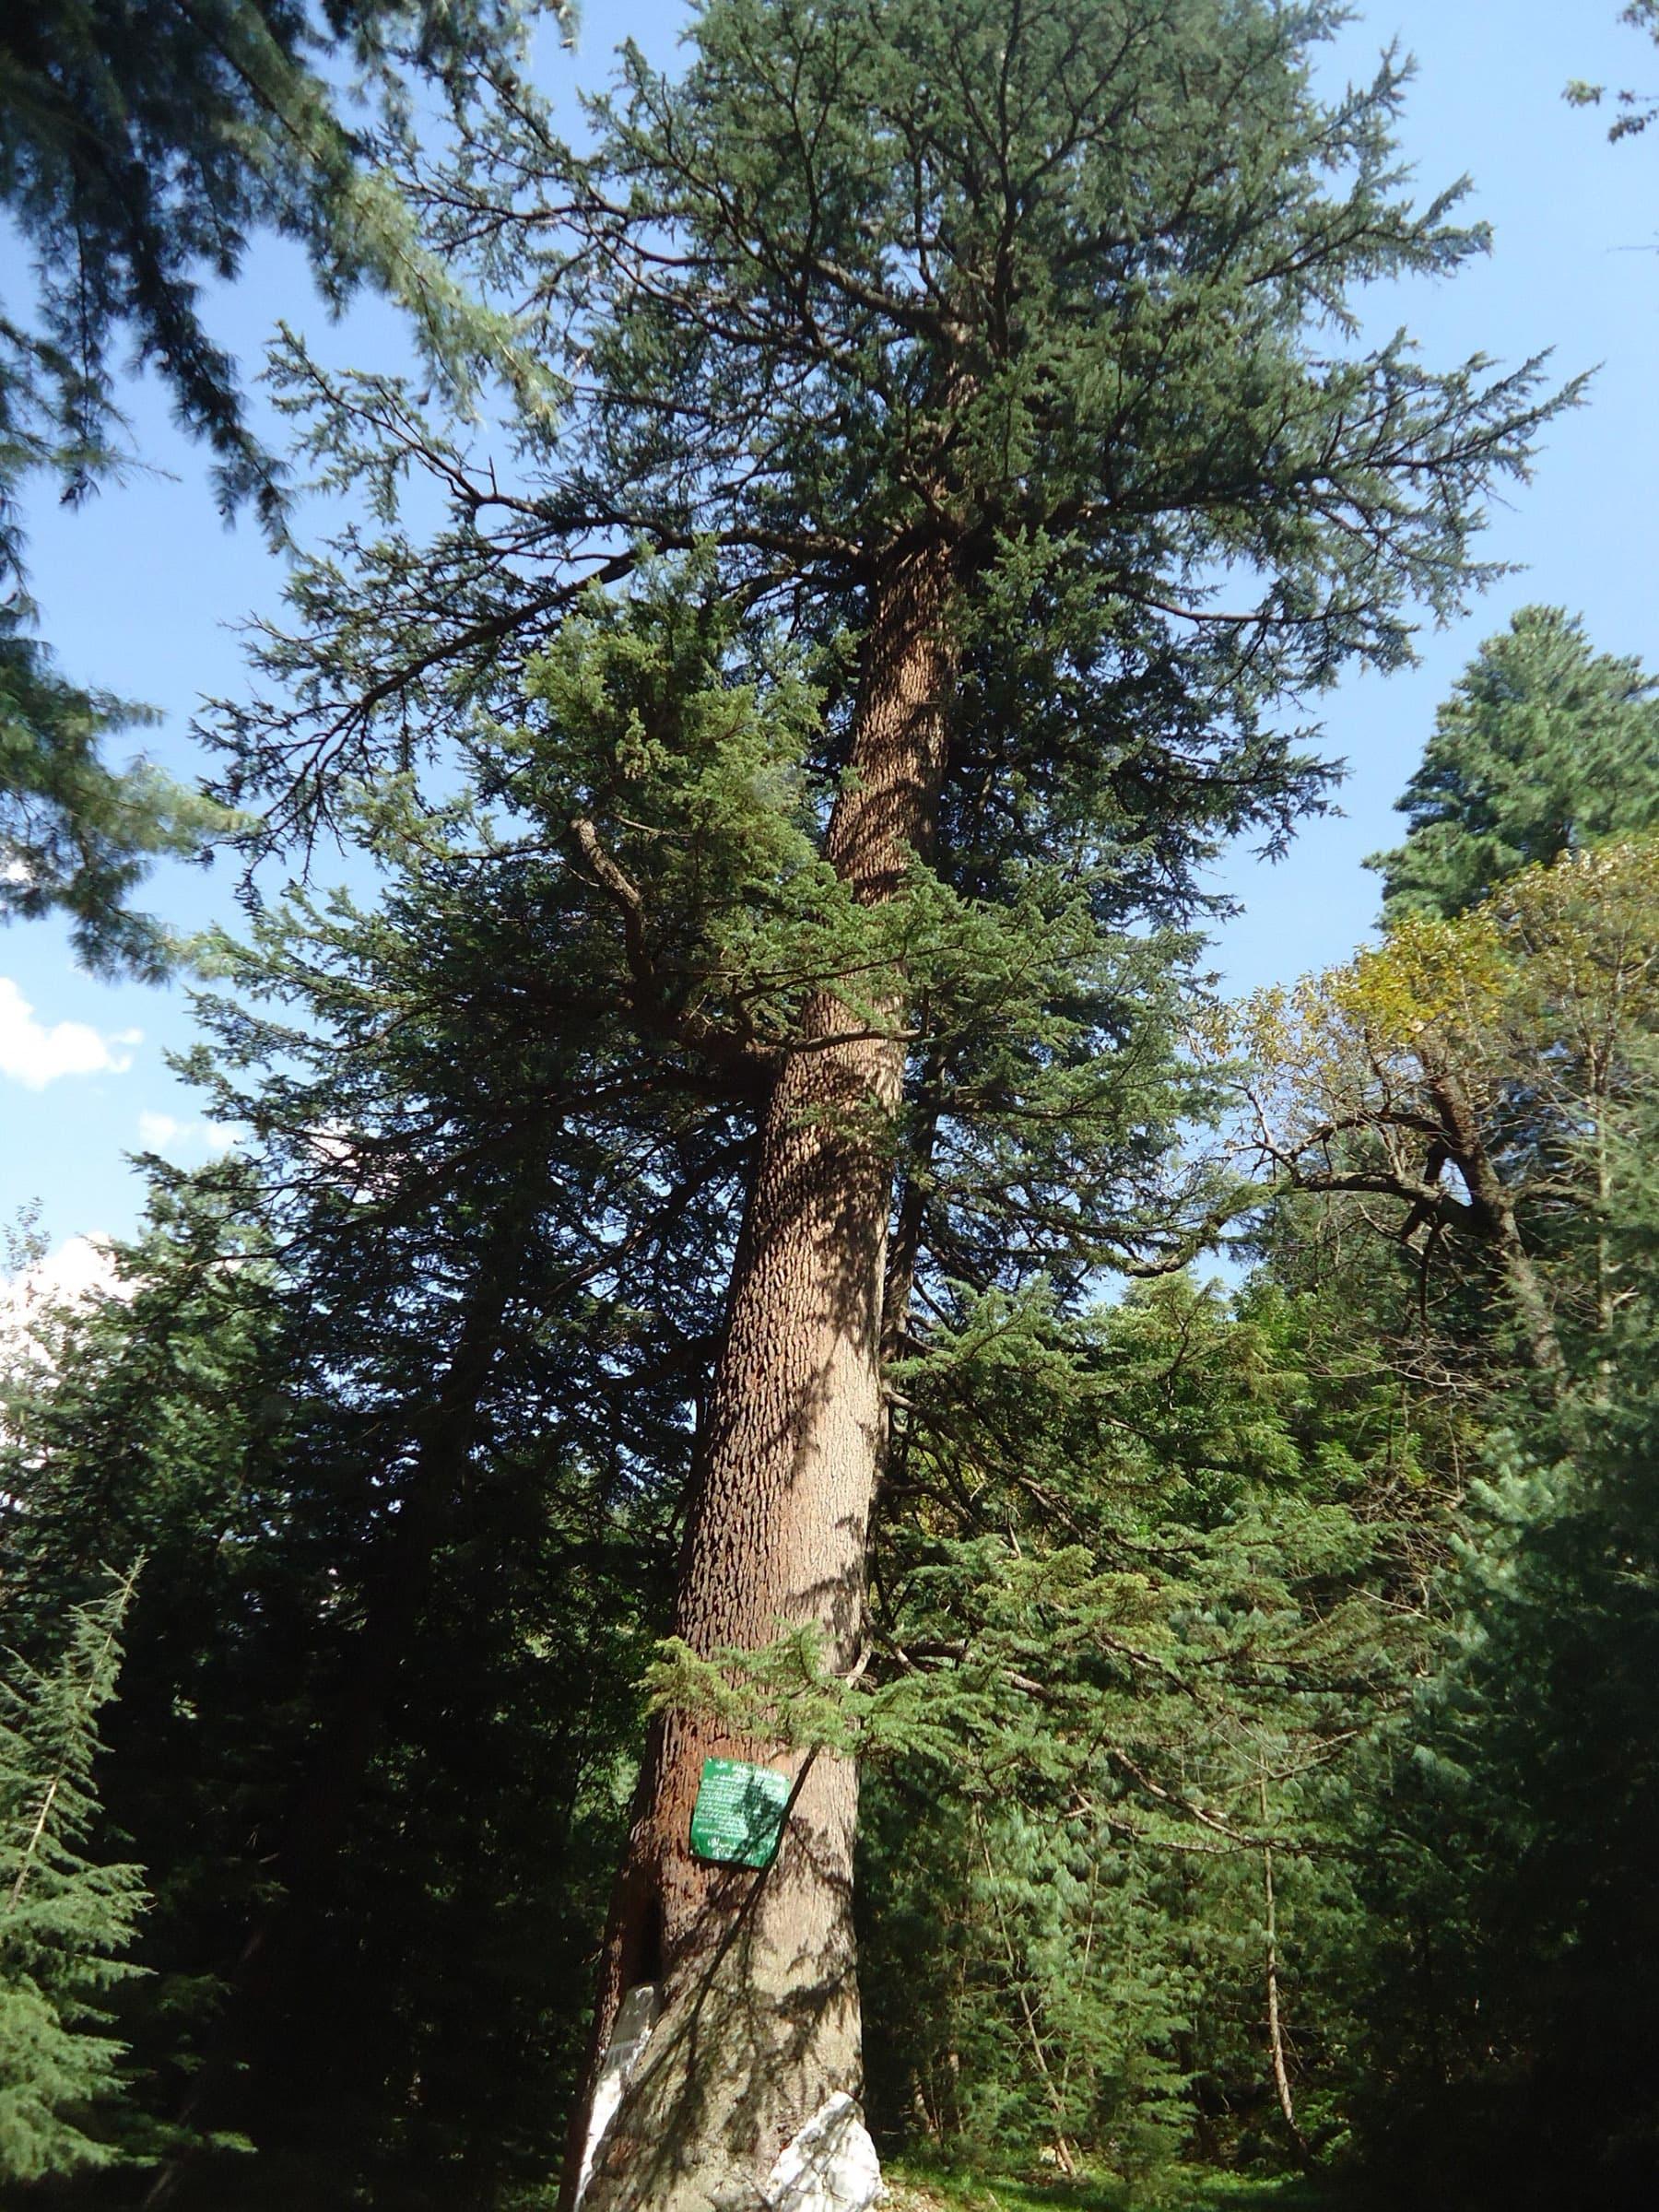 دیودار کے درختوں کا جد امجد—تصویر لکھاری